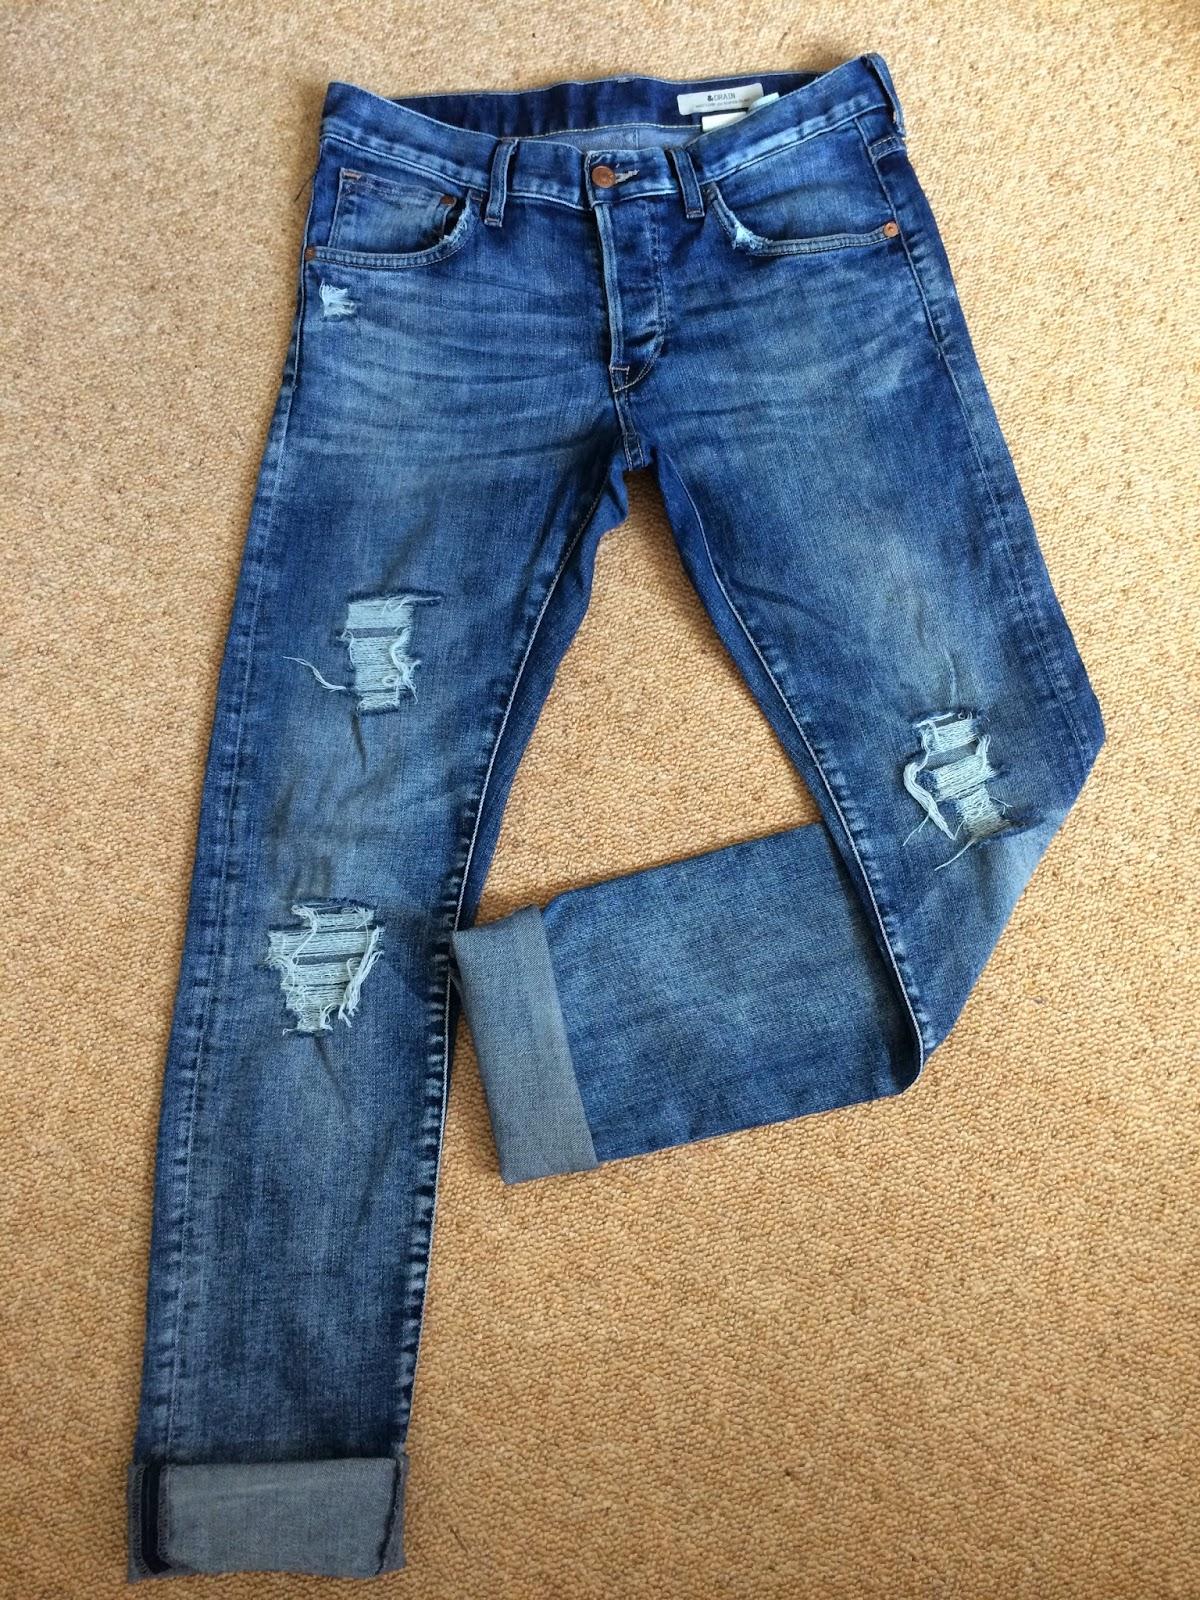 Etrala London Blog : DIY: Distressed Boyfriend Jeans Diy Distressed Boyfriend Jeans